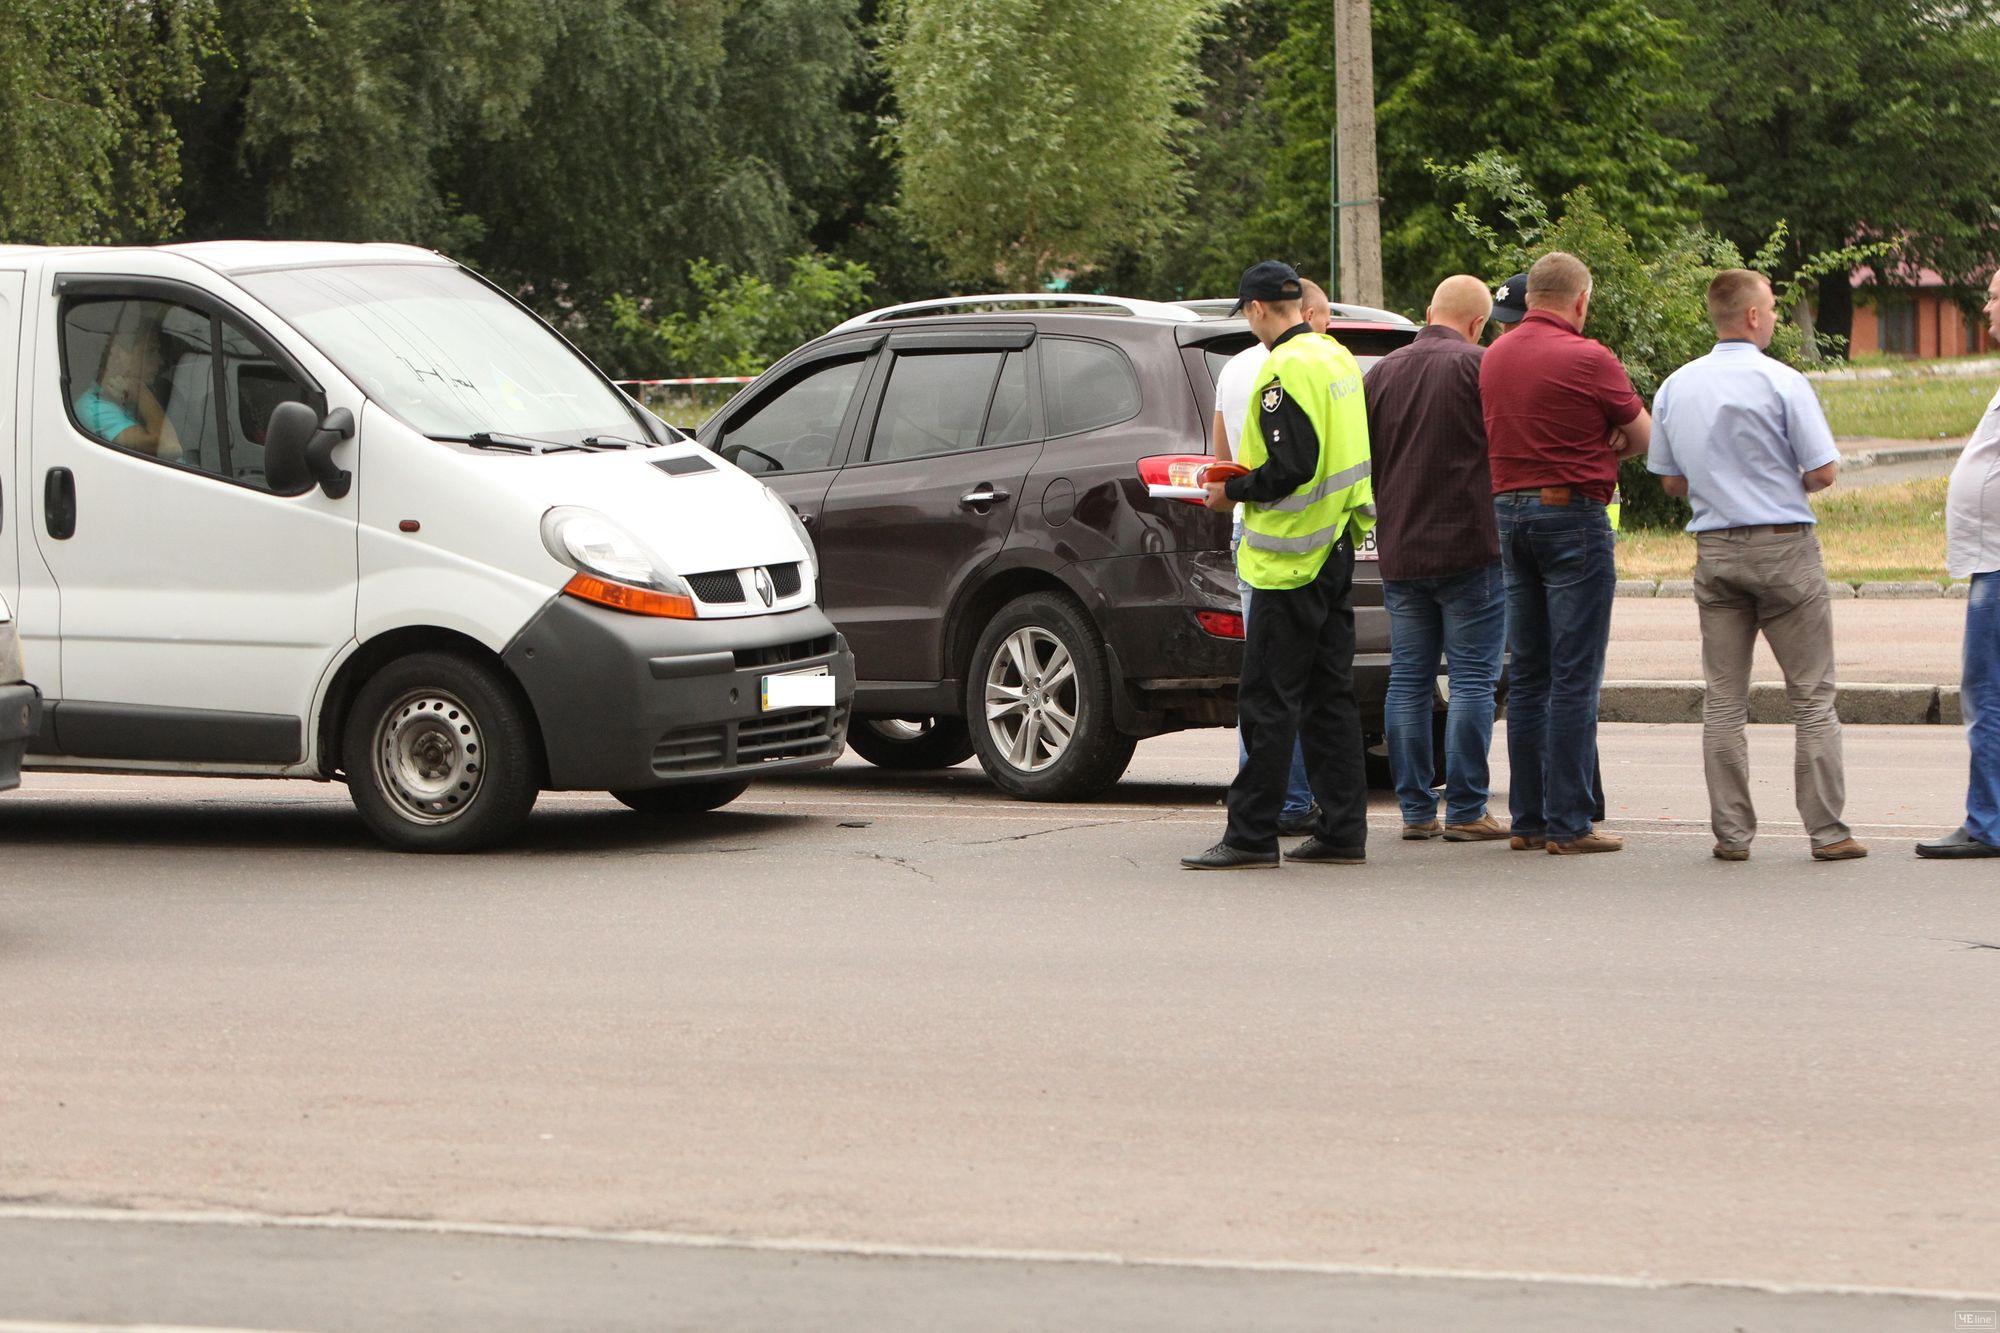 І знову ДТП: по проспекту Перемоги зіткнулися два автомобілі